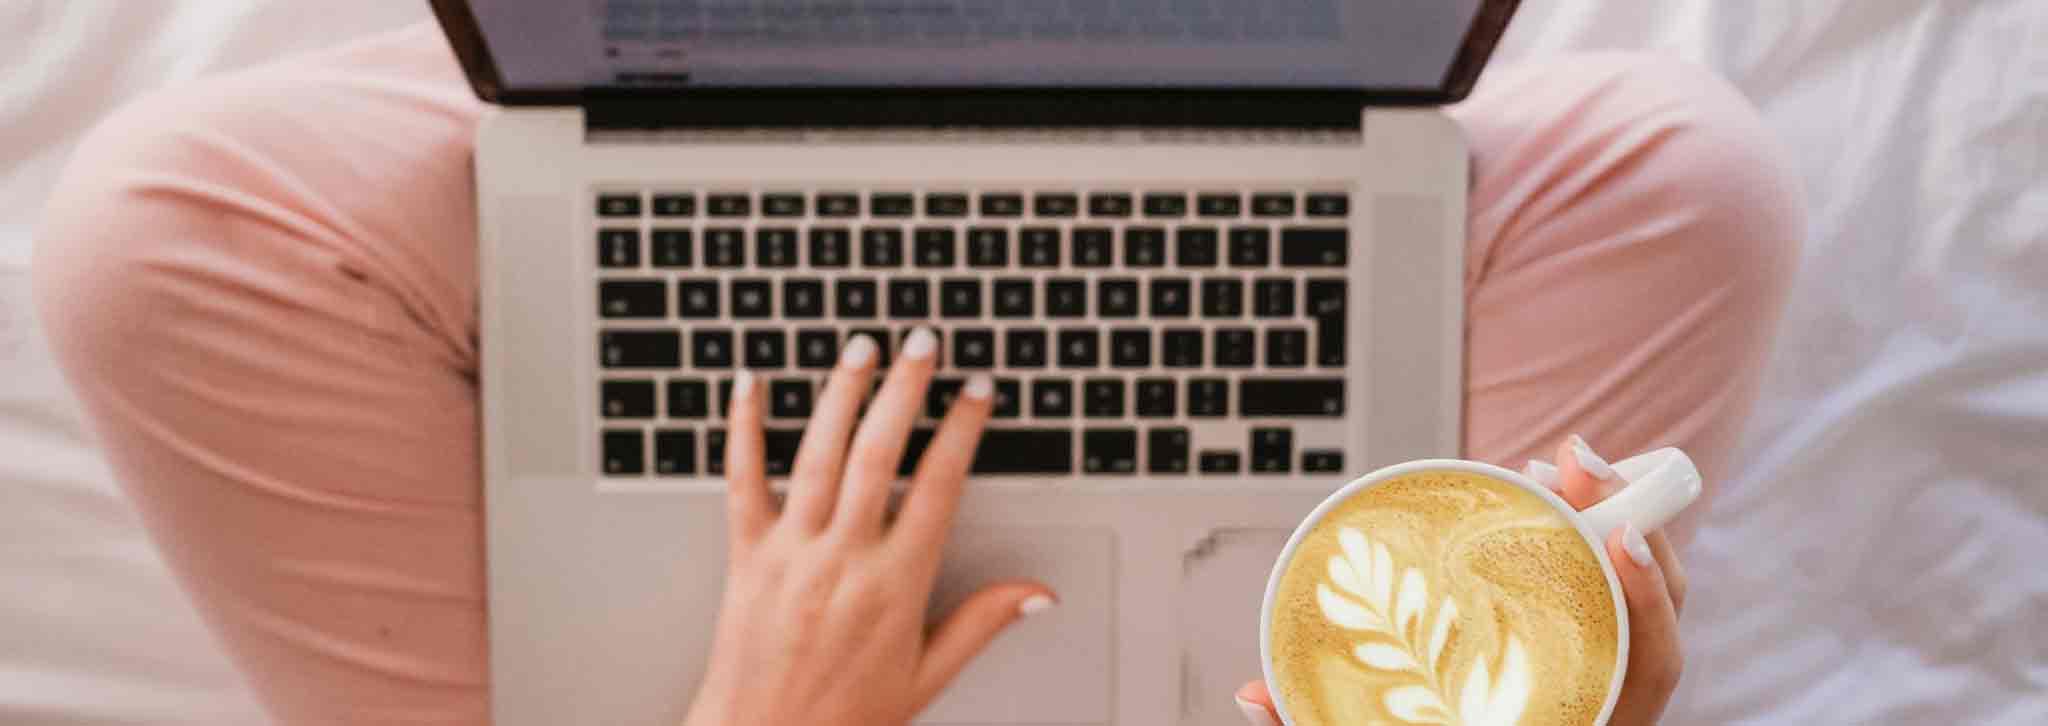 Frau schriebt online am Laptop. Daher muss sie die richtige Online Tonality finden.